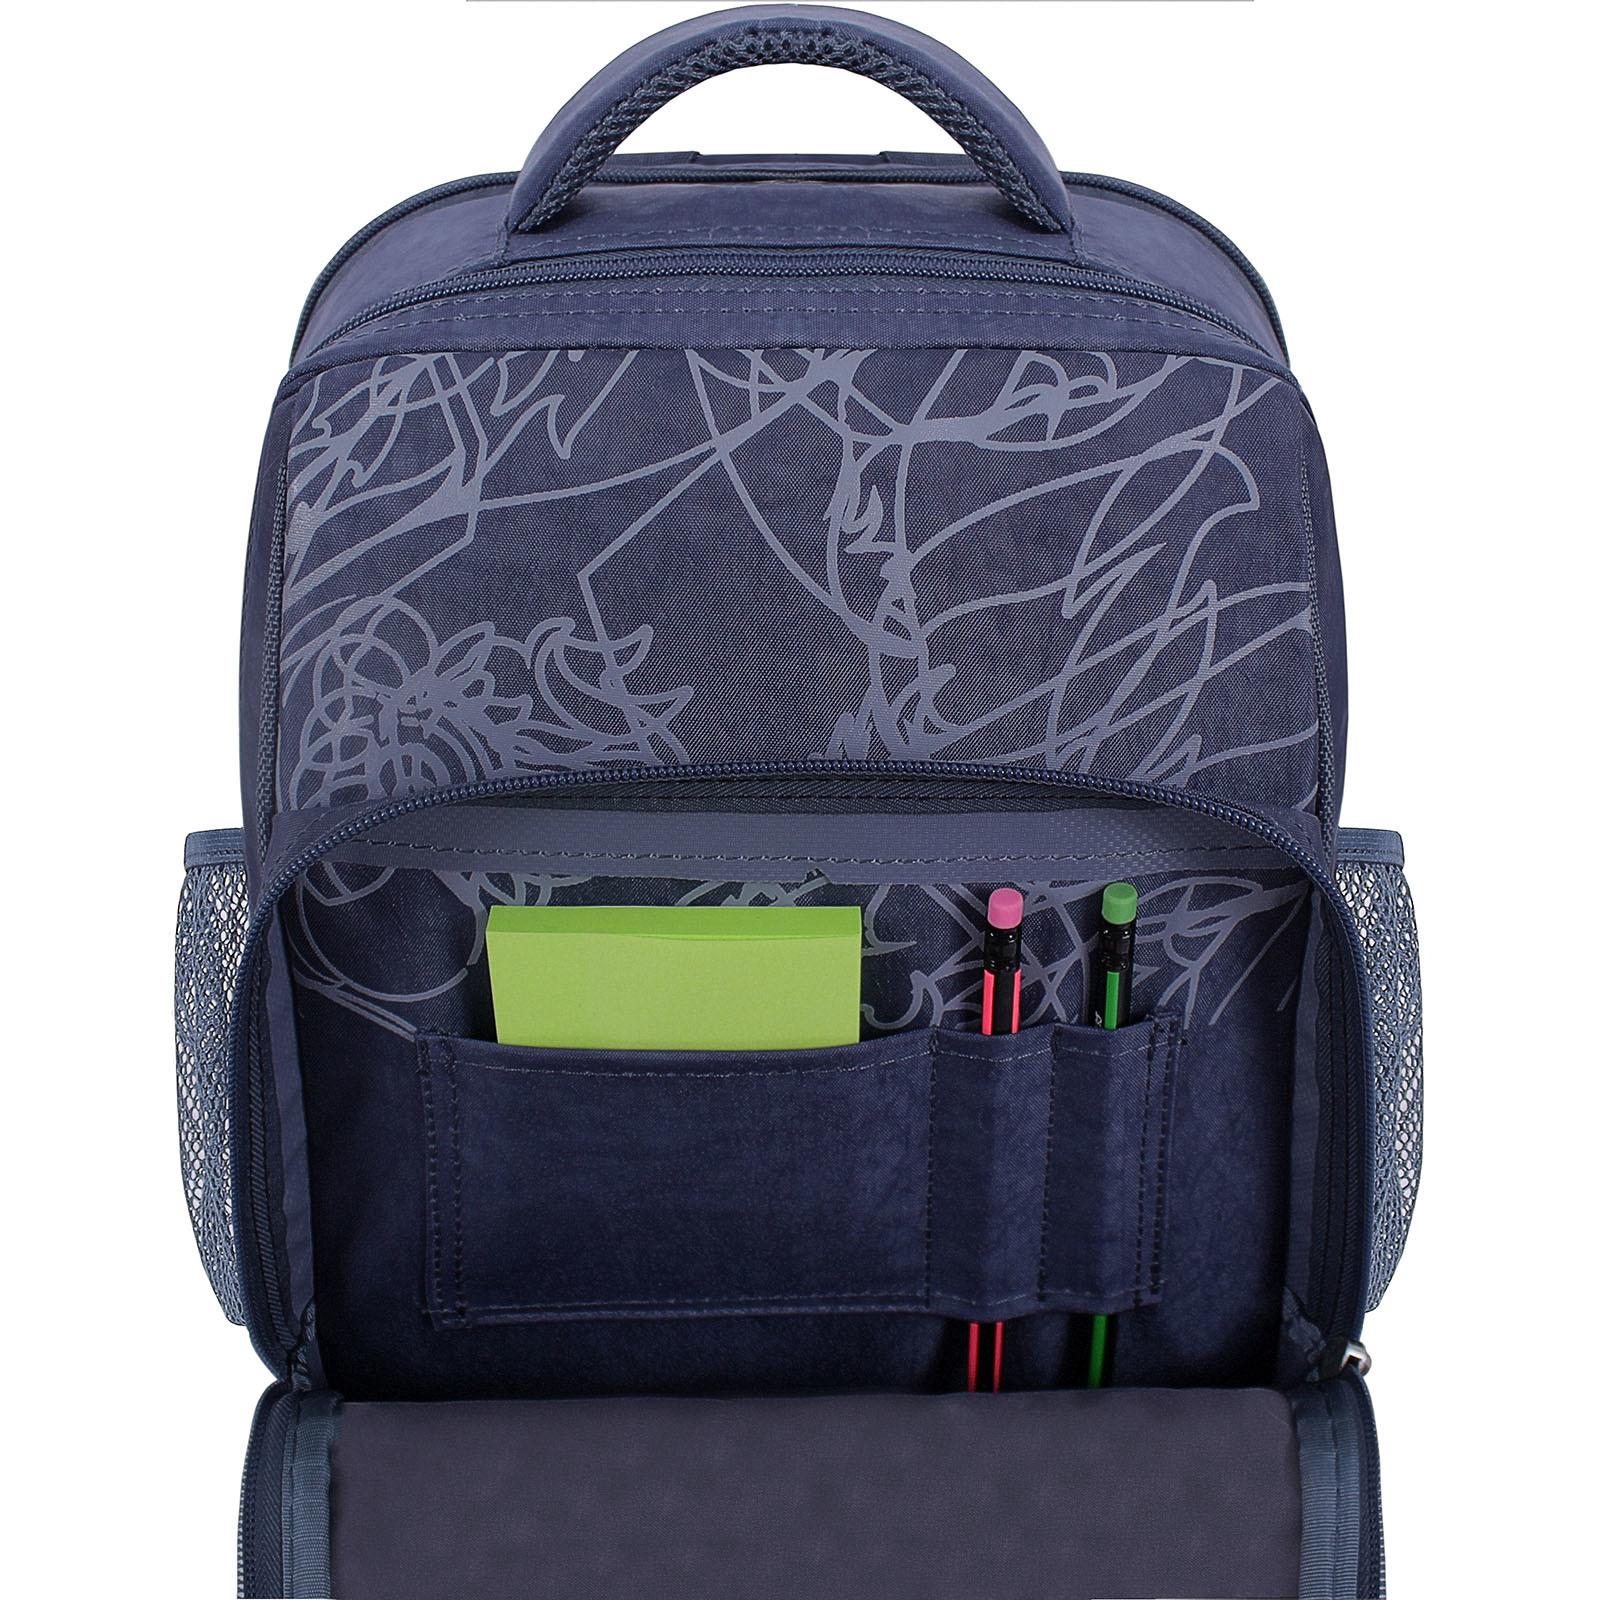 Рюкзак школьный Bagland Школьник 8 л. 321 серый 506 (0012870) фото 4